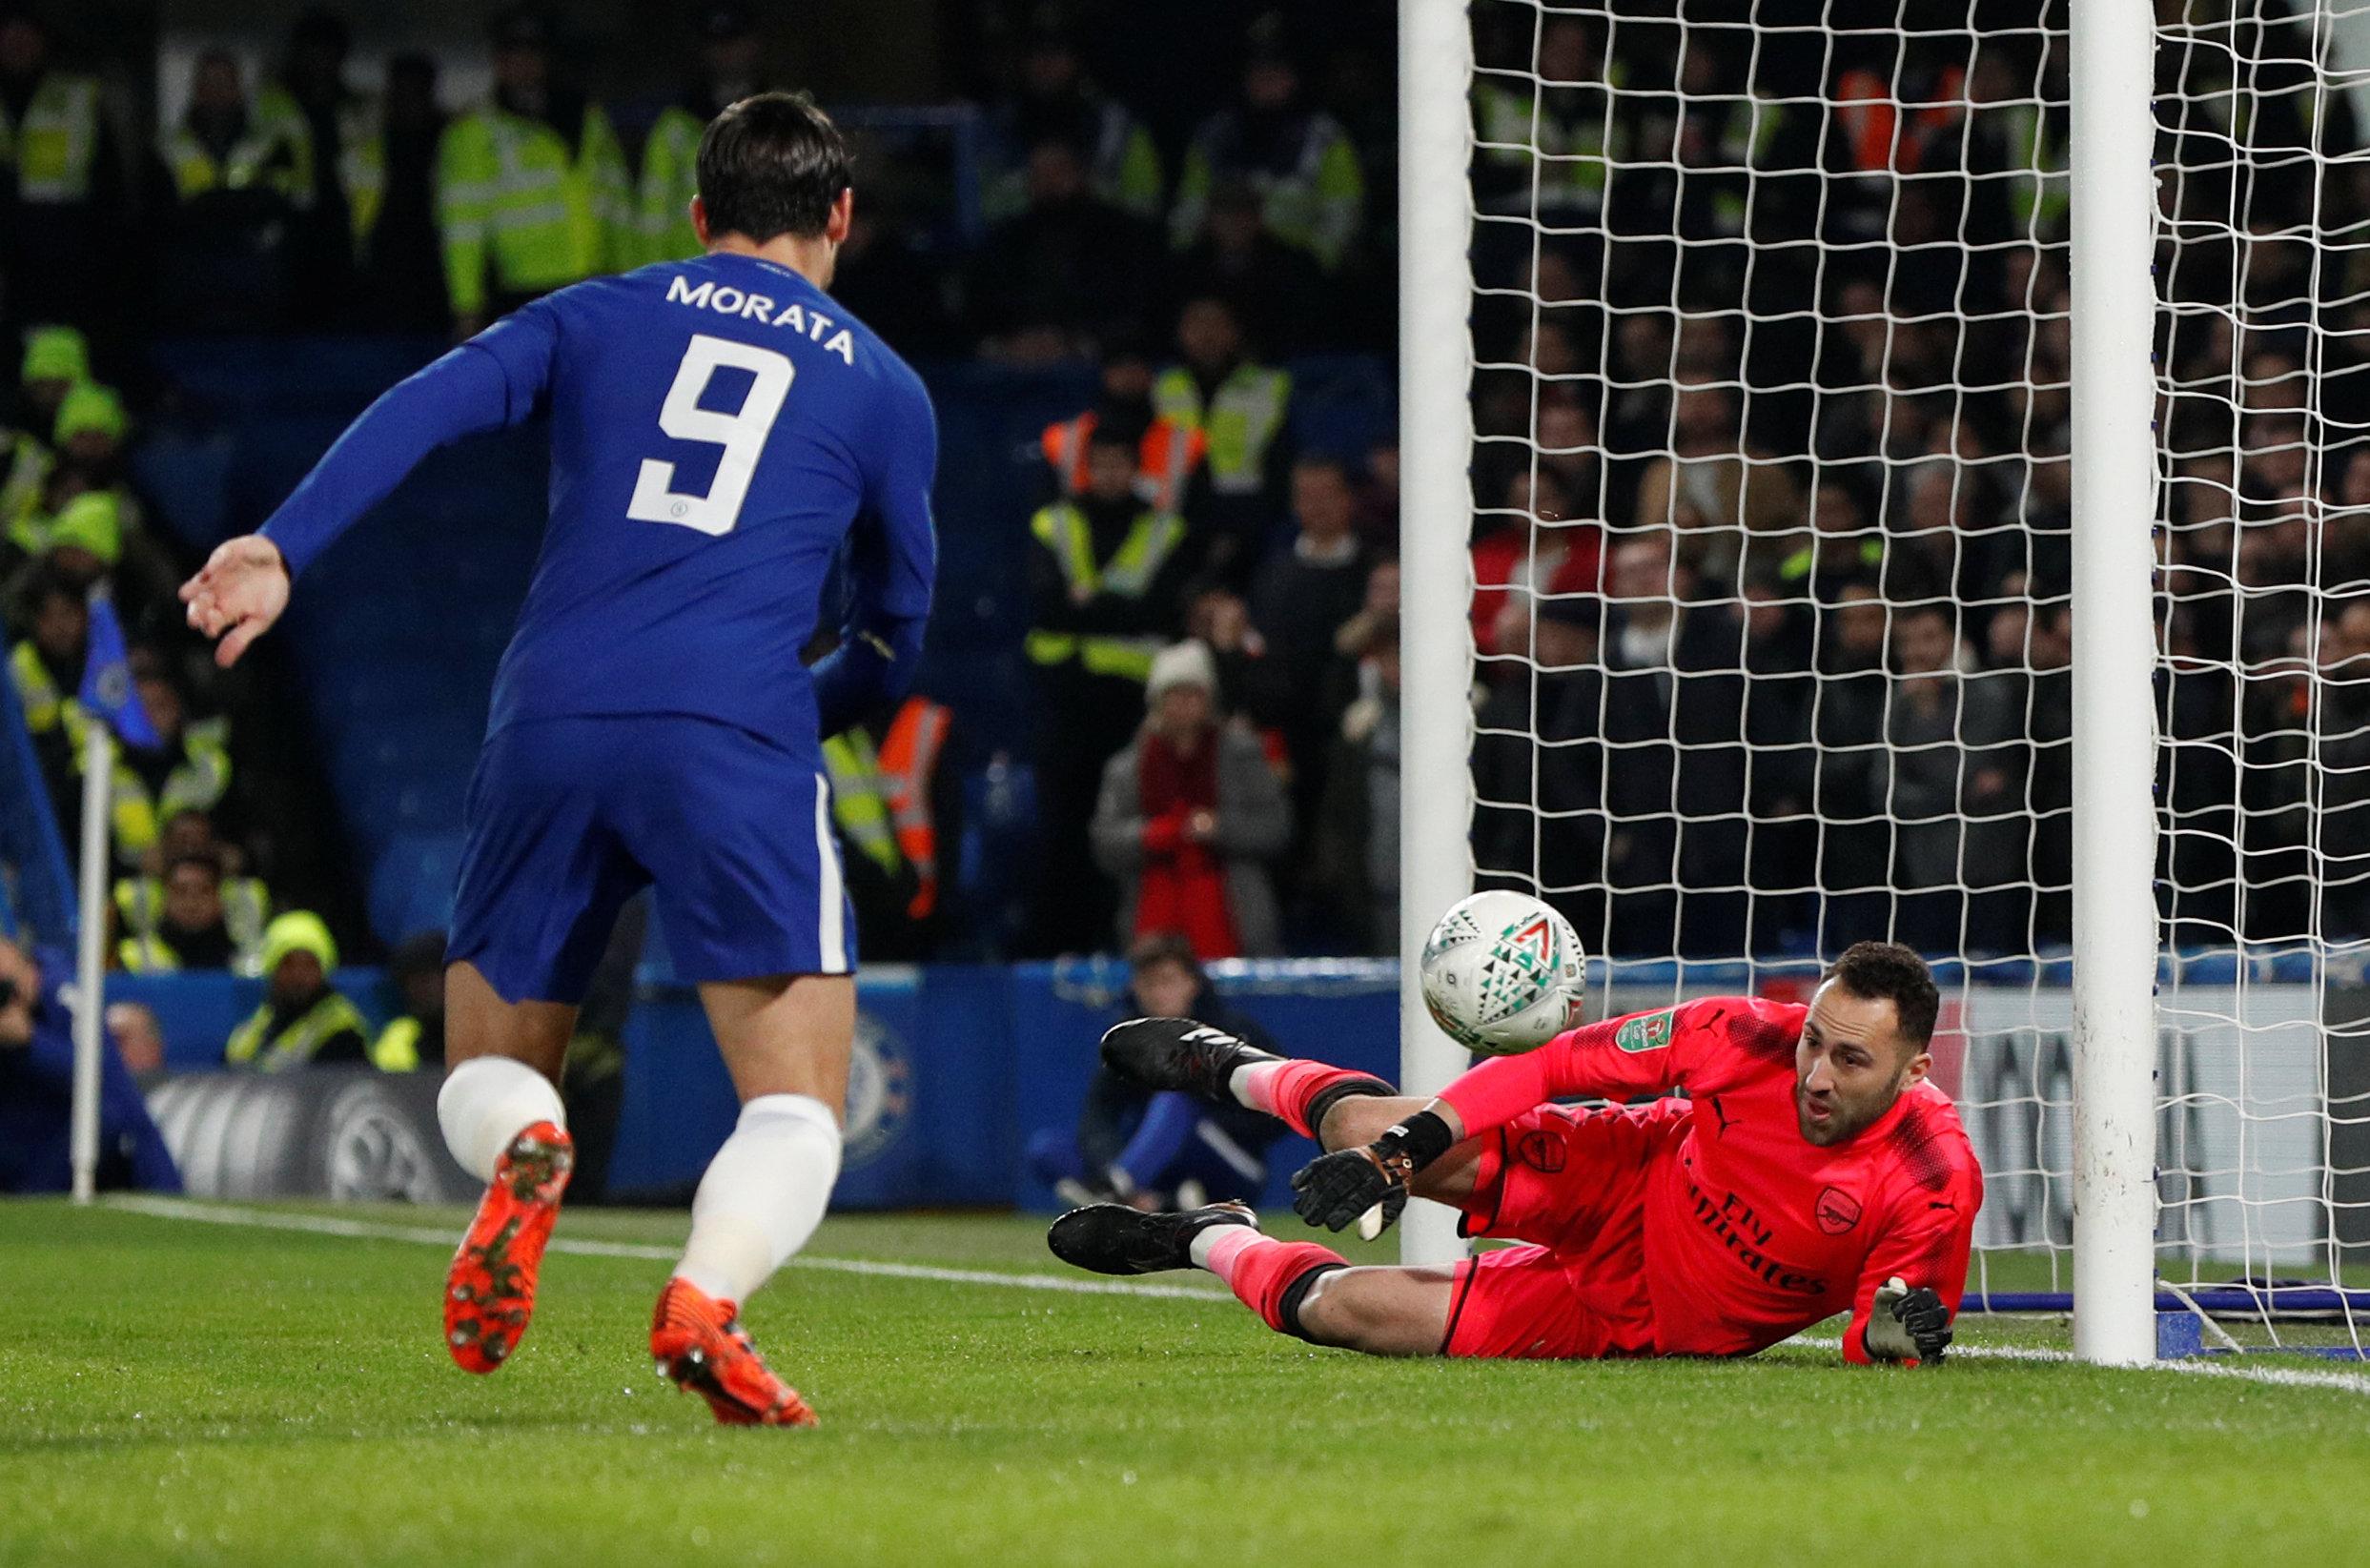 Thủ môn Ospina cứu thua cho Arsenal sau cú dứt điểm của Morata. Ảnh: REUTERS